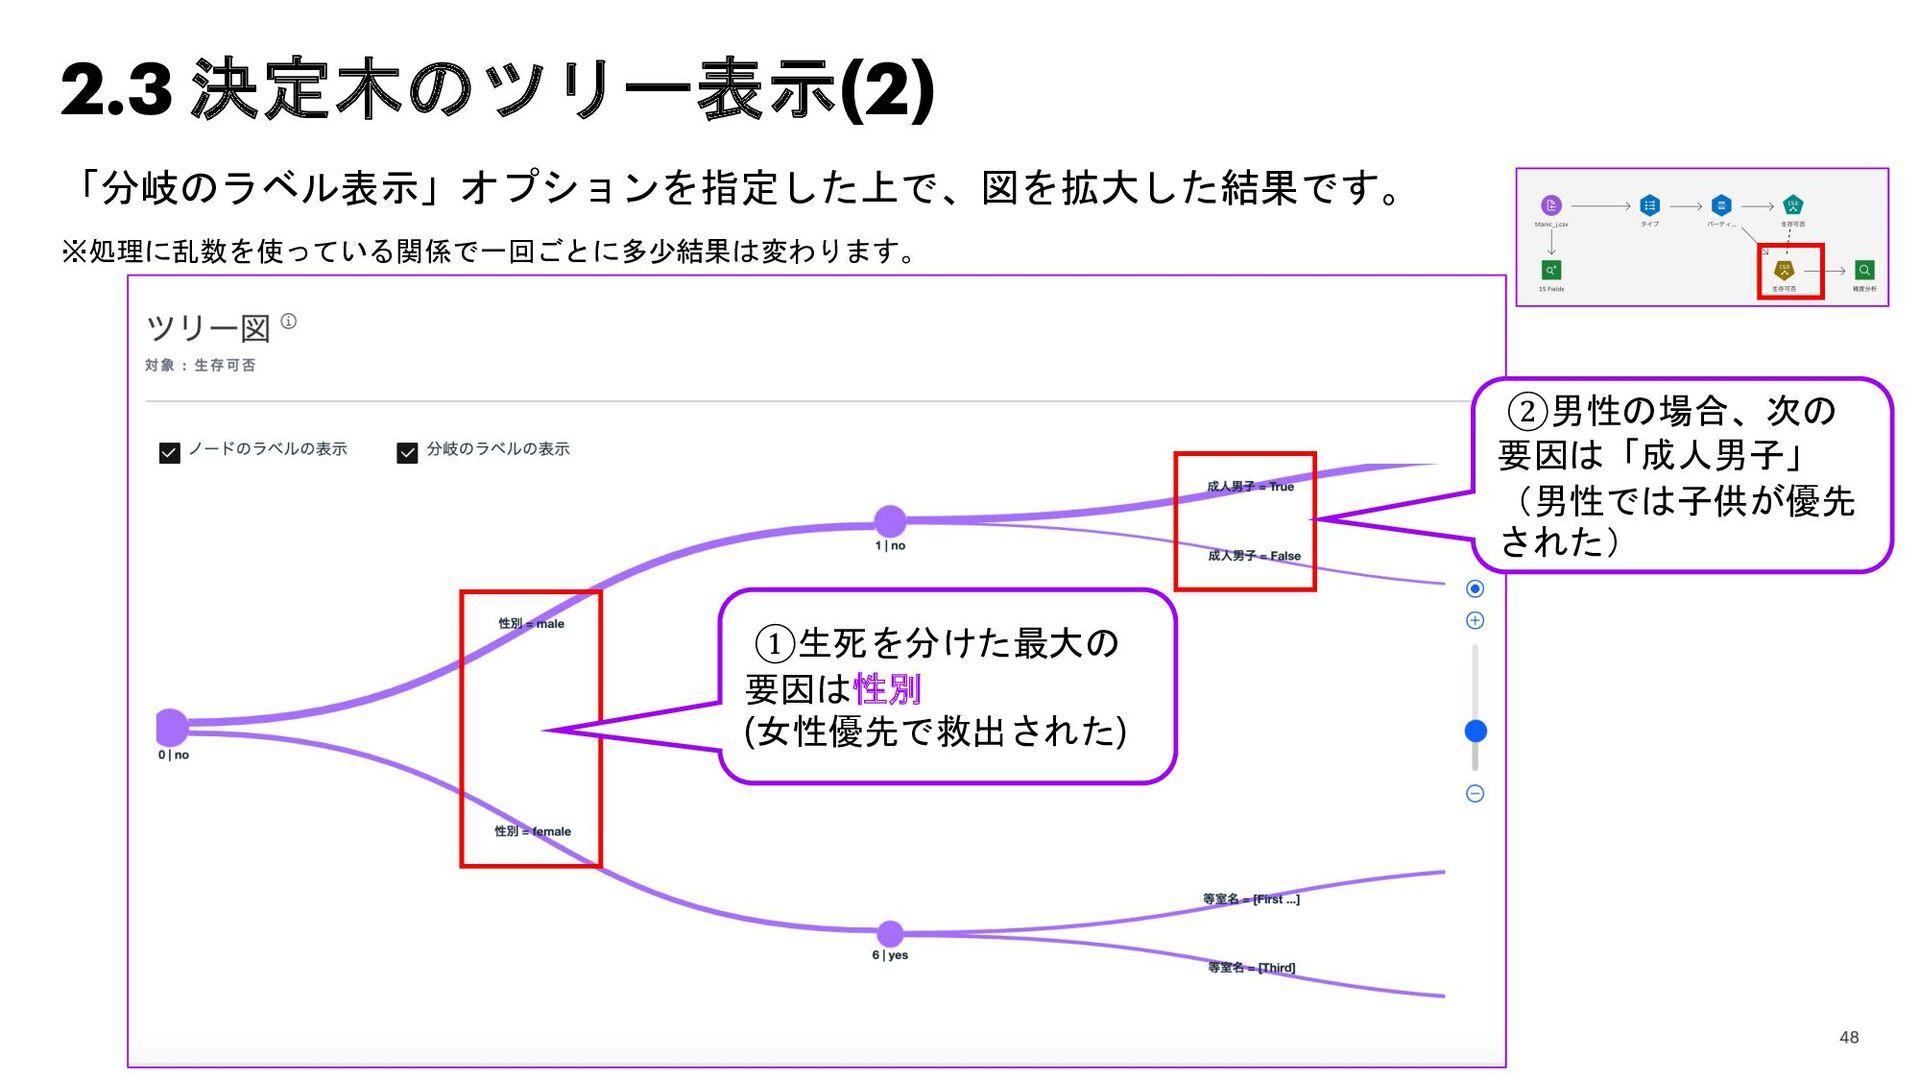 2.3 決定木のツリー表示(2) 「分岐のラベル表示」オプションを指定した上で、図を拡大した結...